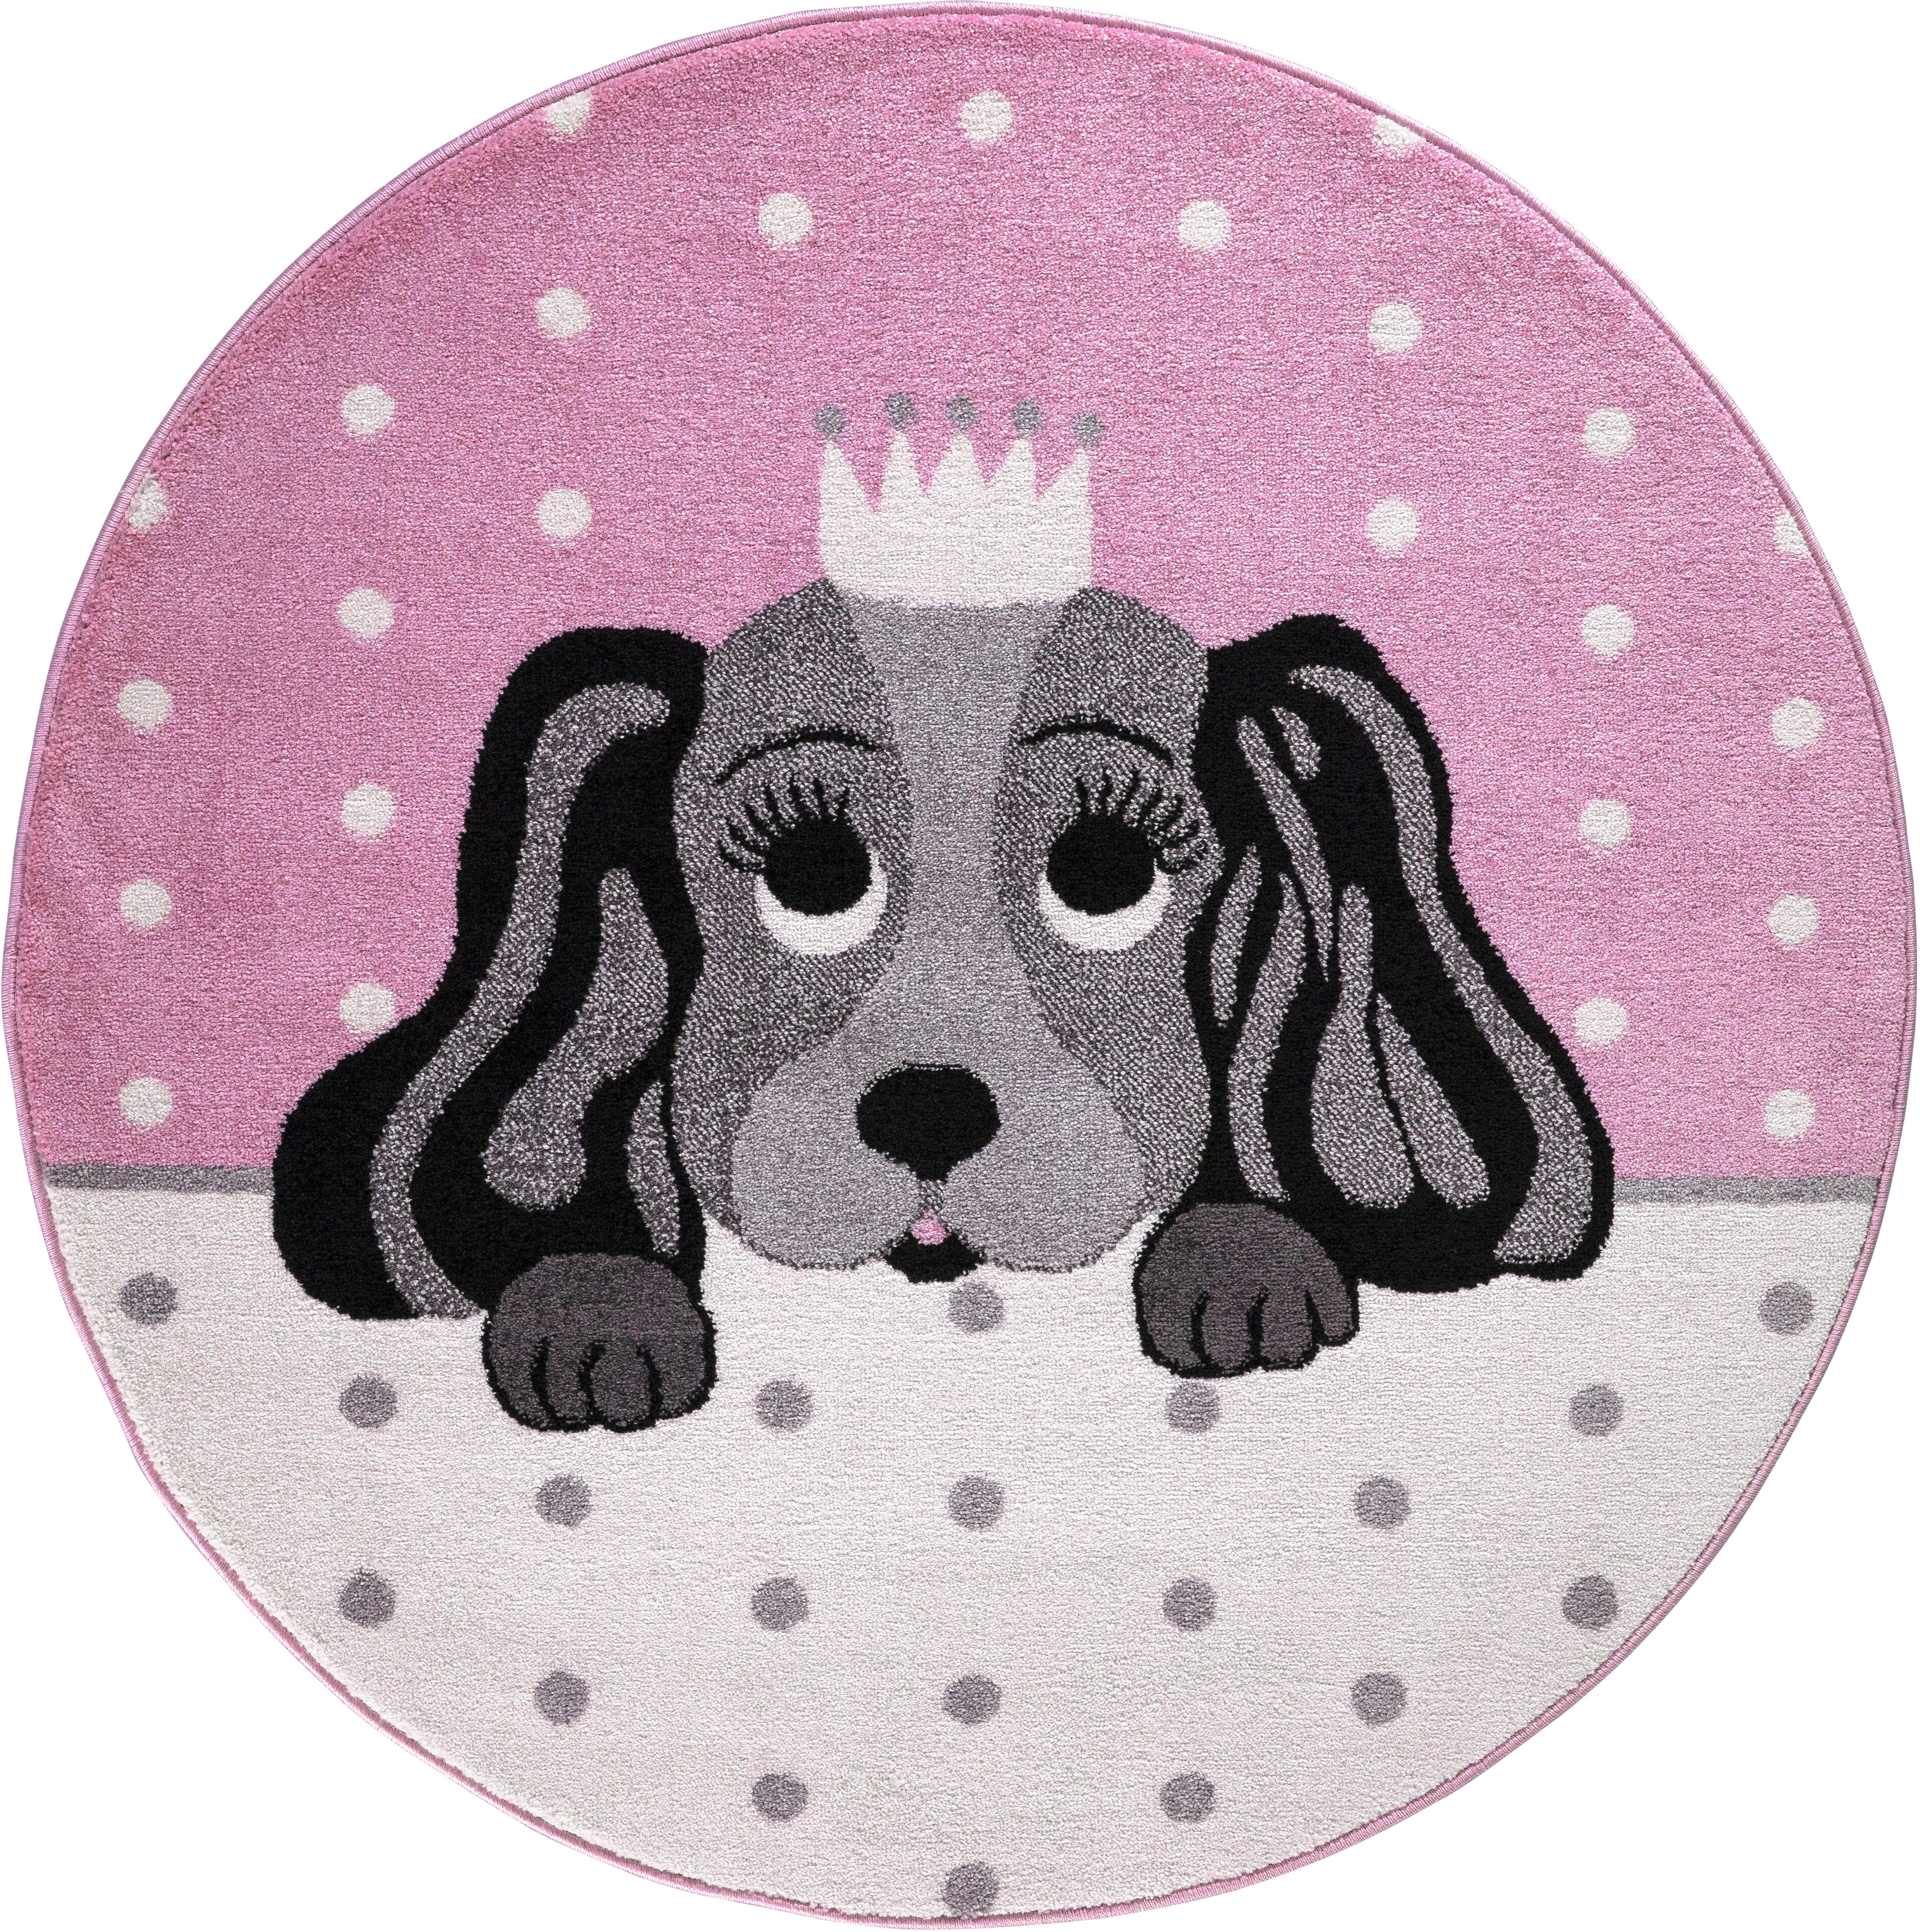 Festival Kinderteppich Candy 156, rund, 11 mm Höhe, Motiv Hund rosa Kinder Kinderteppiche mit Teppiche